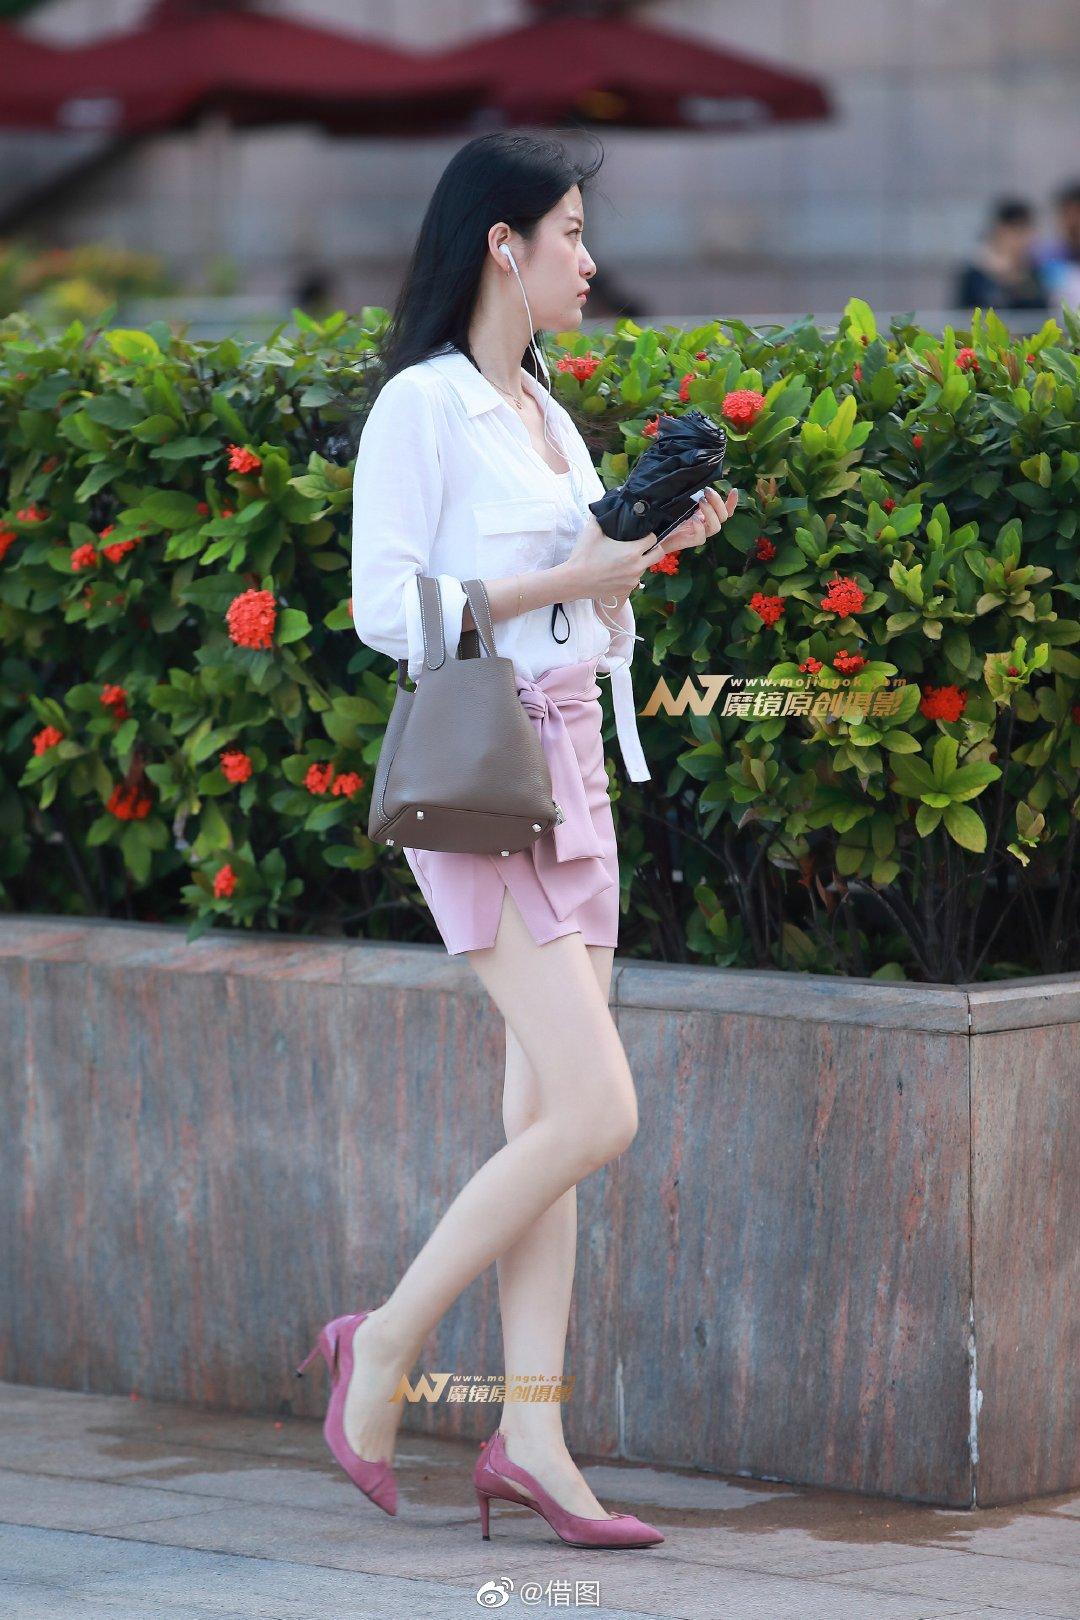 公主日记美腿,高跟美女